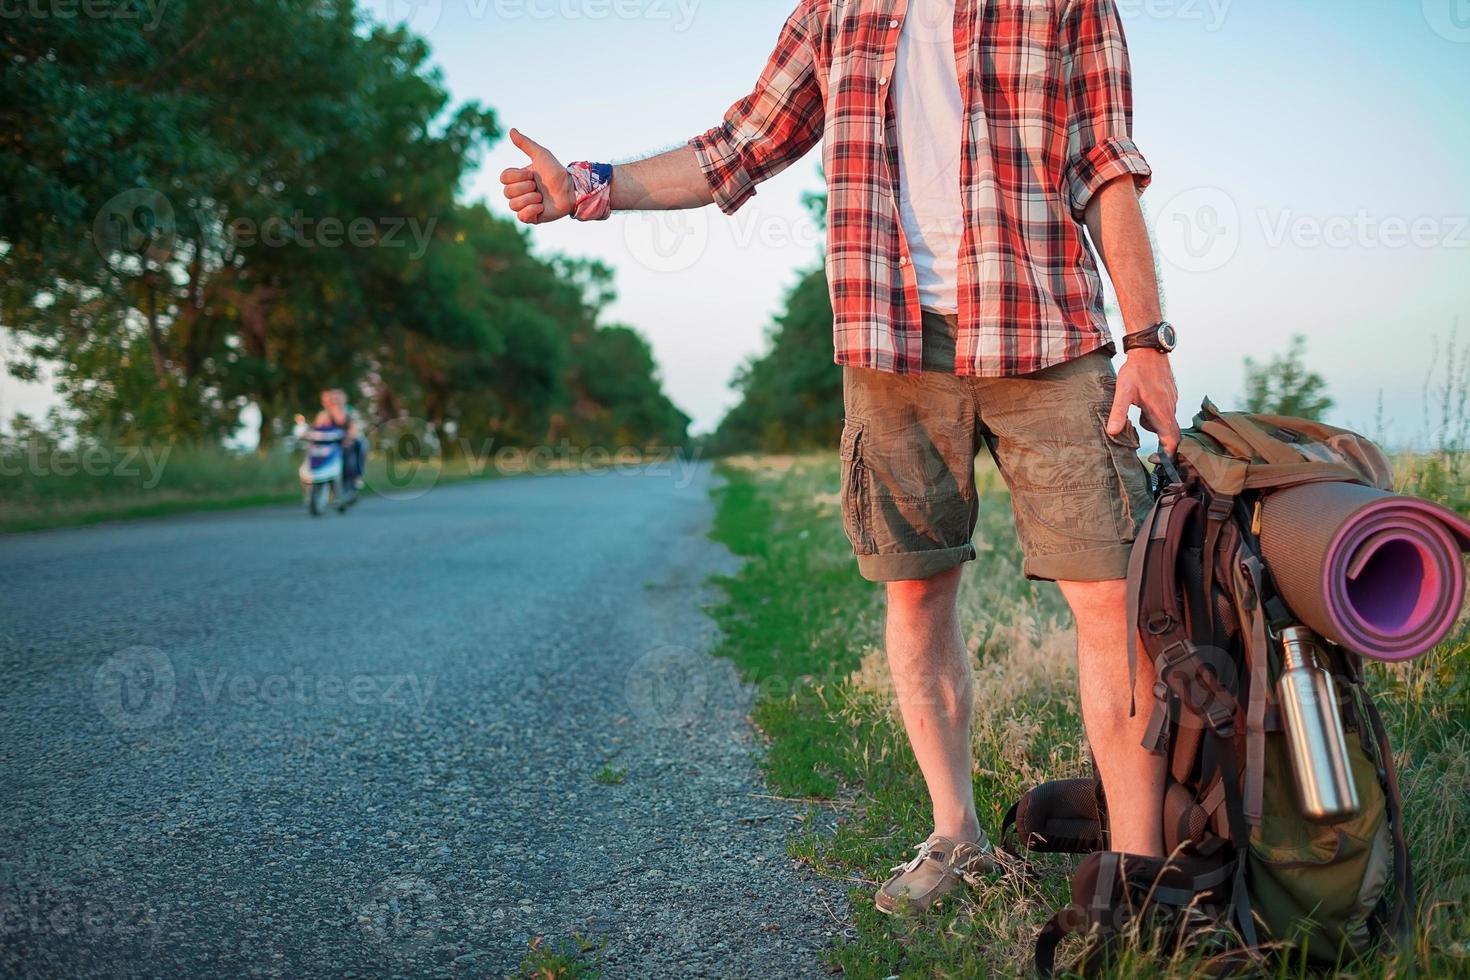 jovem turista caucasiana pedindo carona ao longo de uma estrada foto